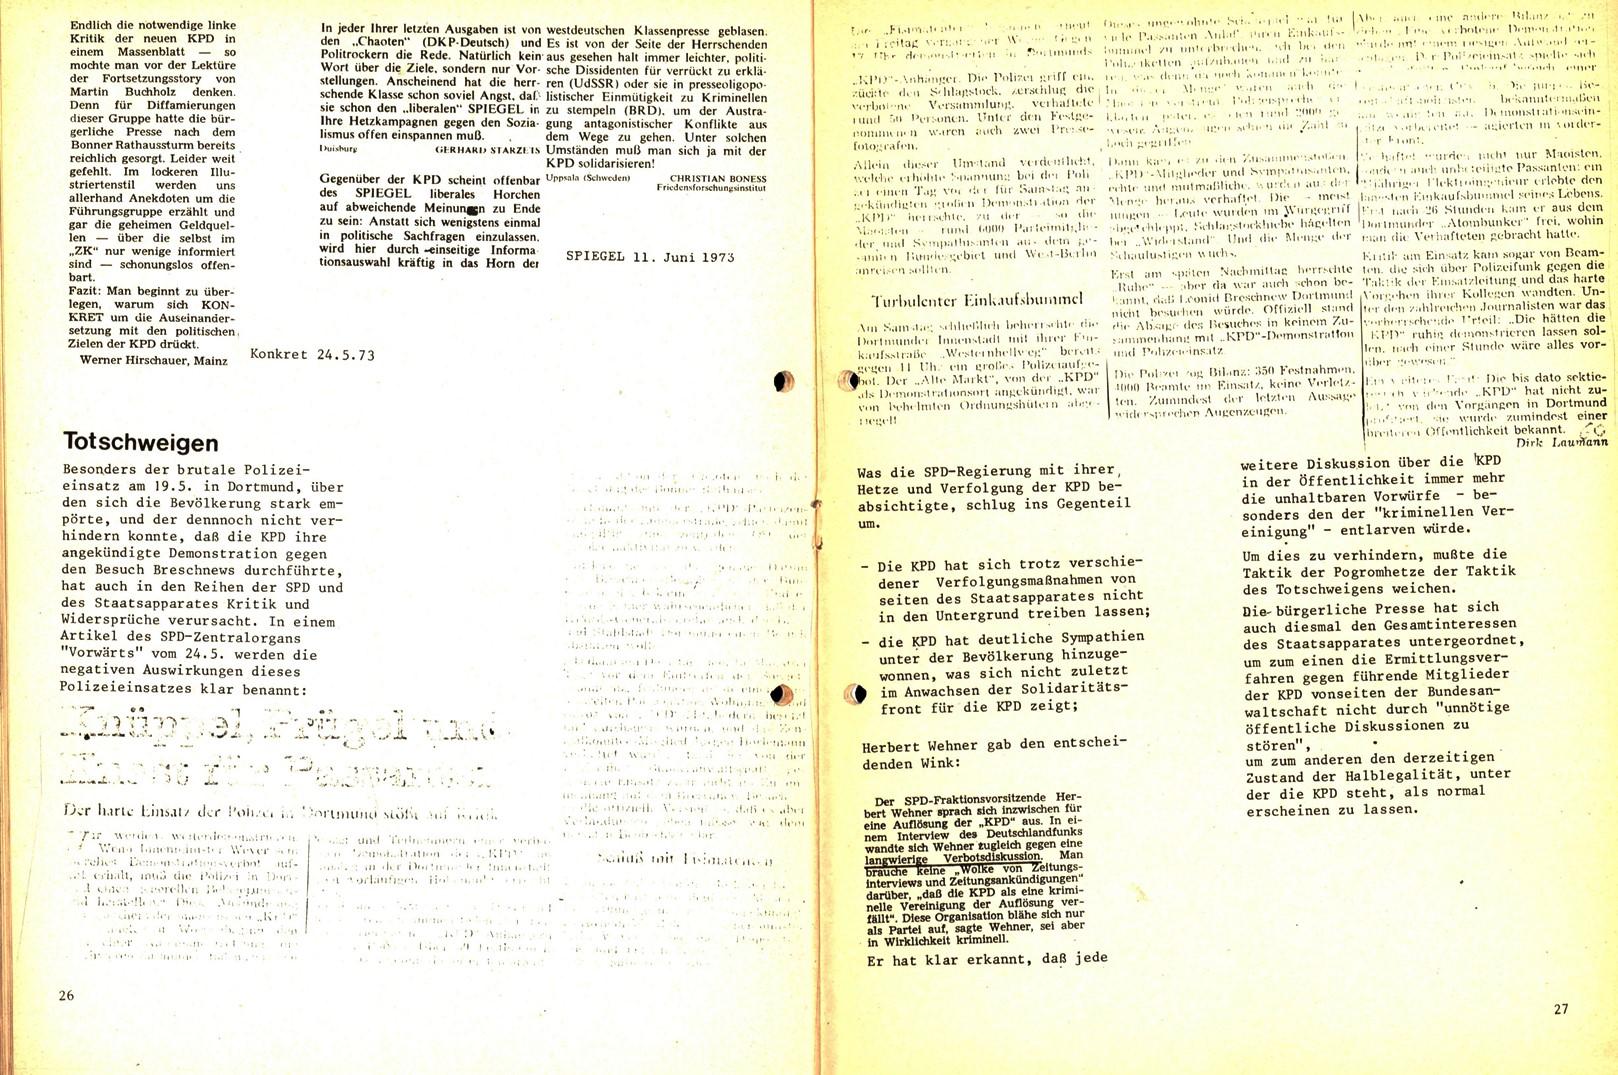 Komitee_Haende_weg_von_der_KPD_1973_Polizeijournalismus_14